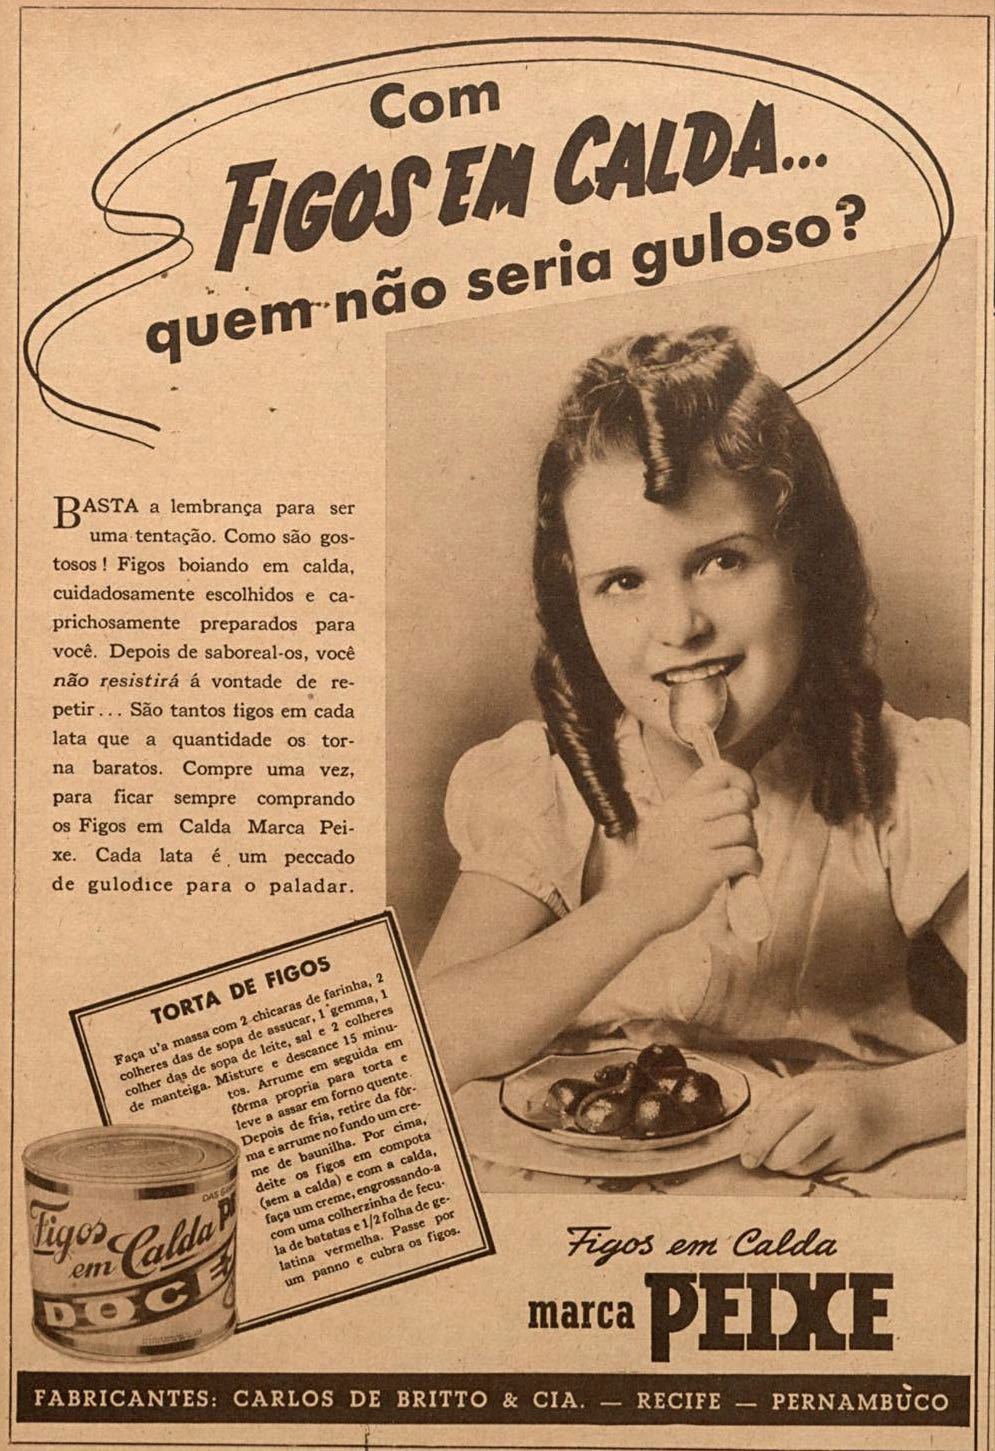 Anúncio da Marca Peixe promovendo seu Figo em Calda em 1940